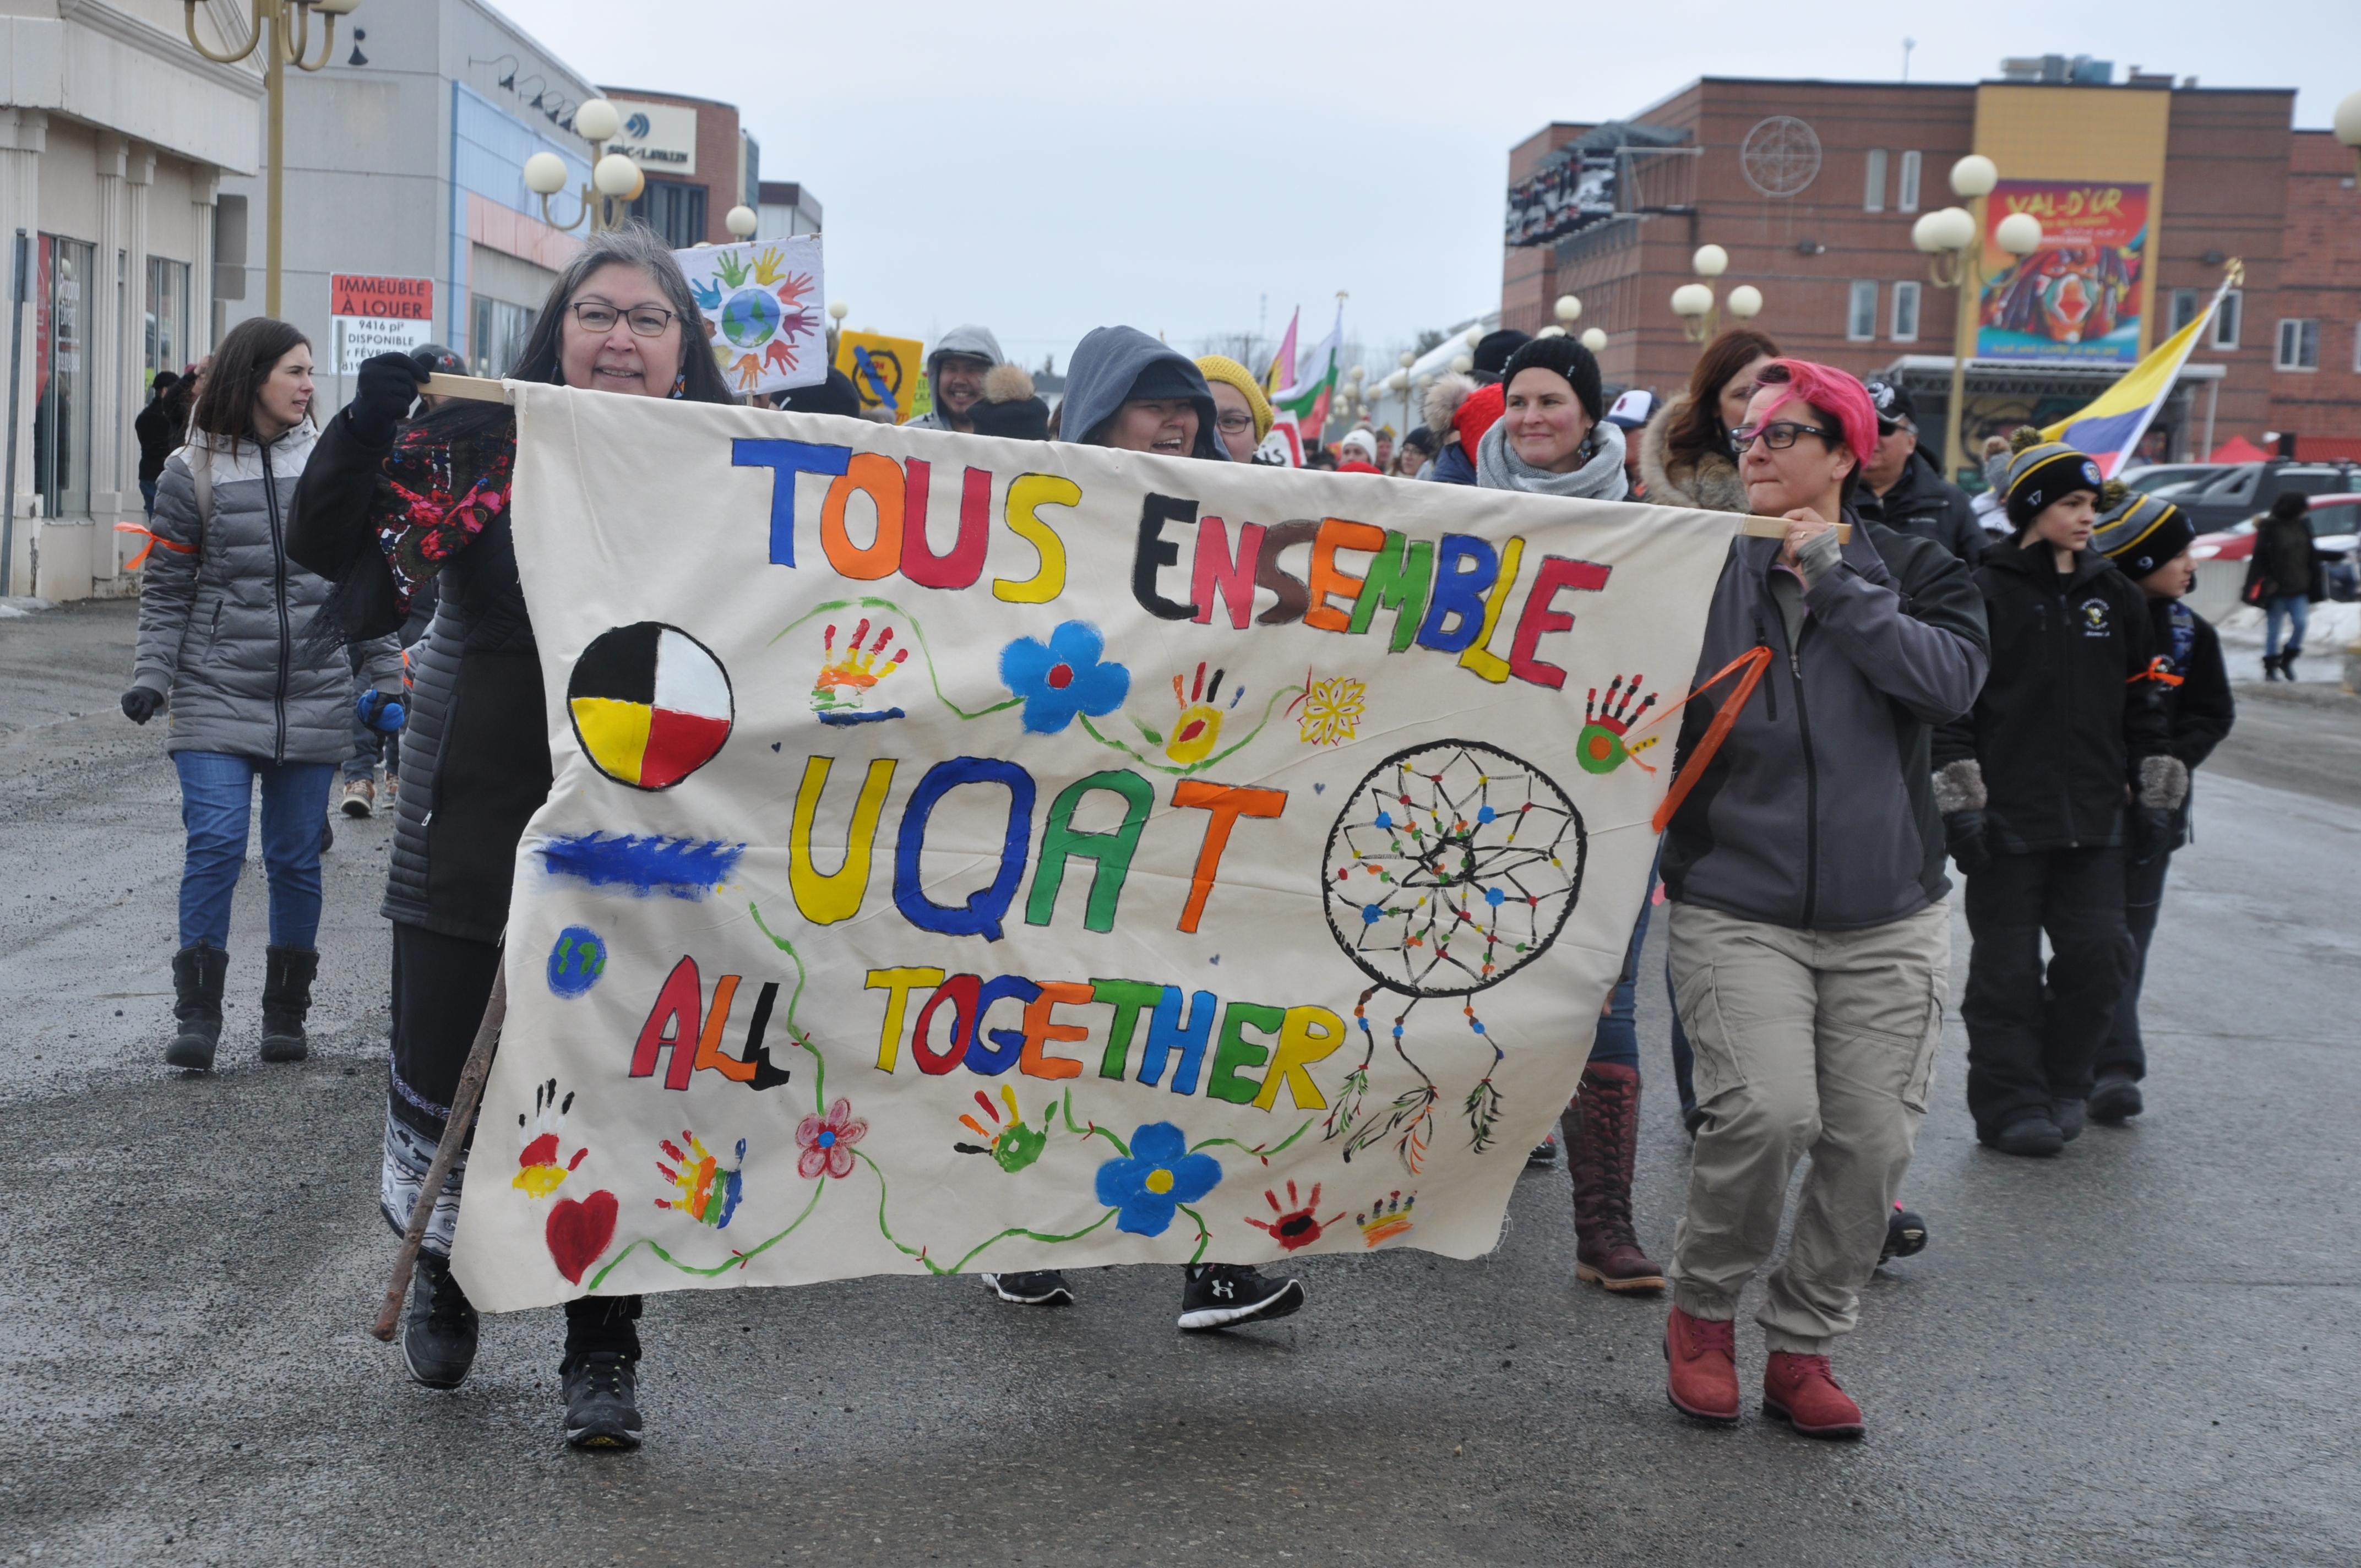 Marche Gabriel-Commanda Val-d'Or 19e 2019 racisme mobilisation prévention communauté